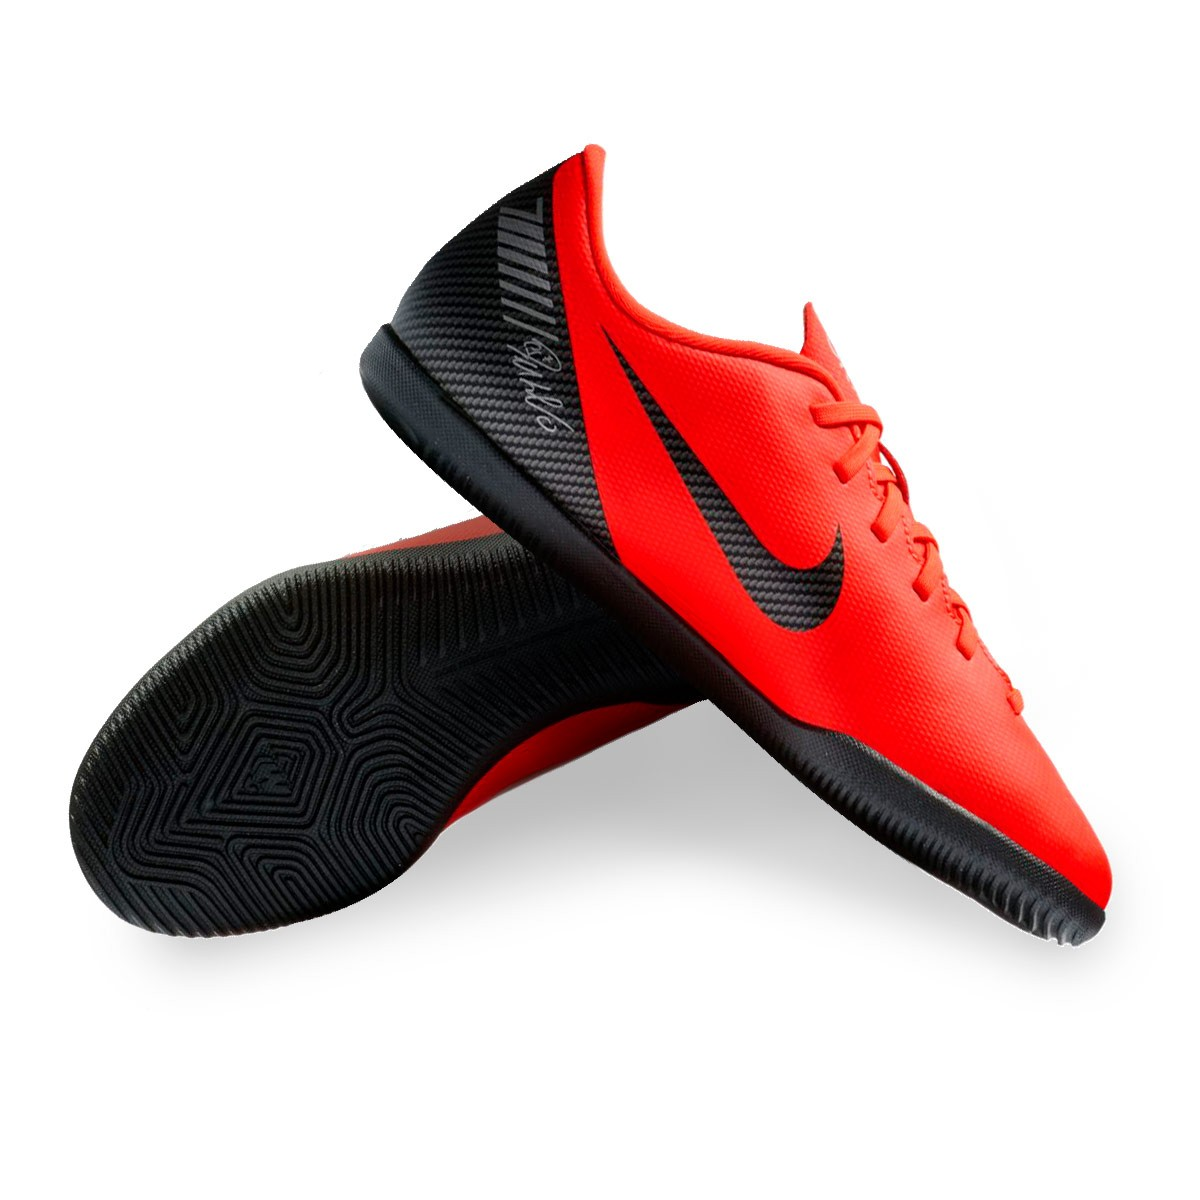 6d3f7940706 Futsal Boot Nike Kids Mercurial VaporX XII Club CR7 IC Bright ...